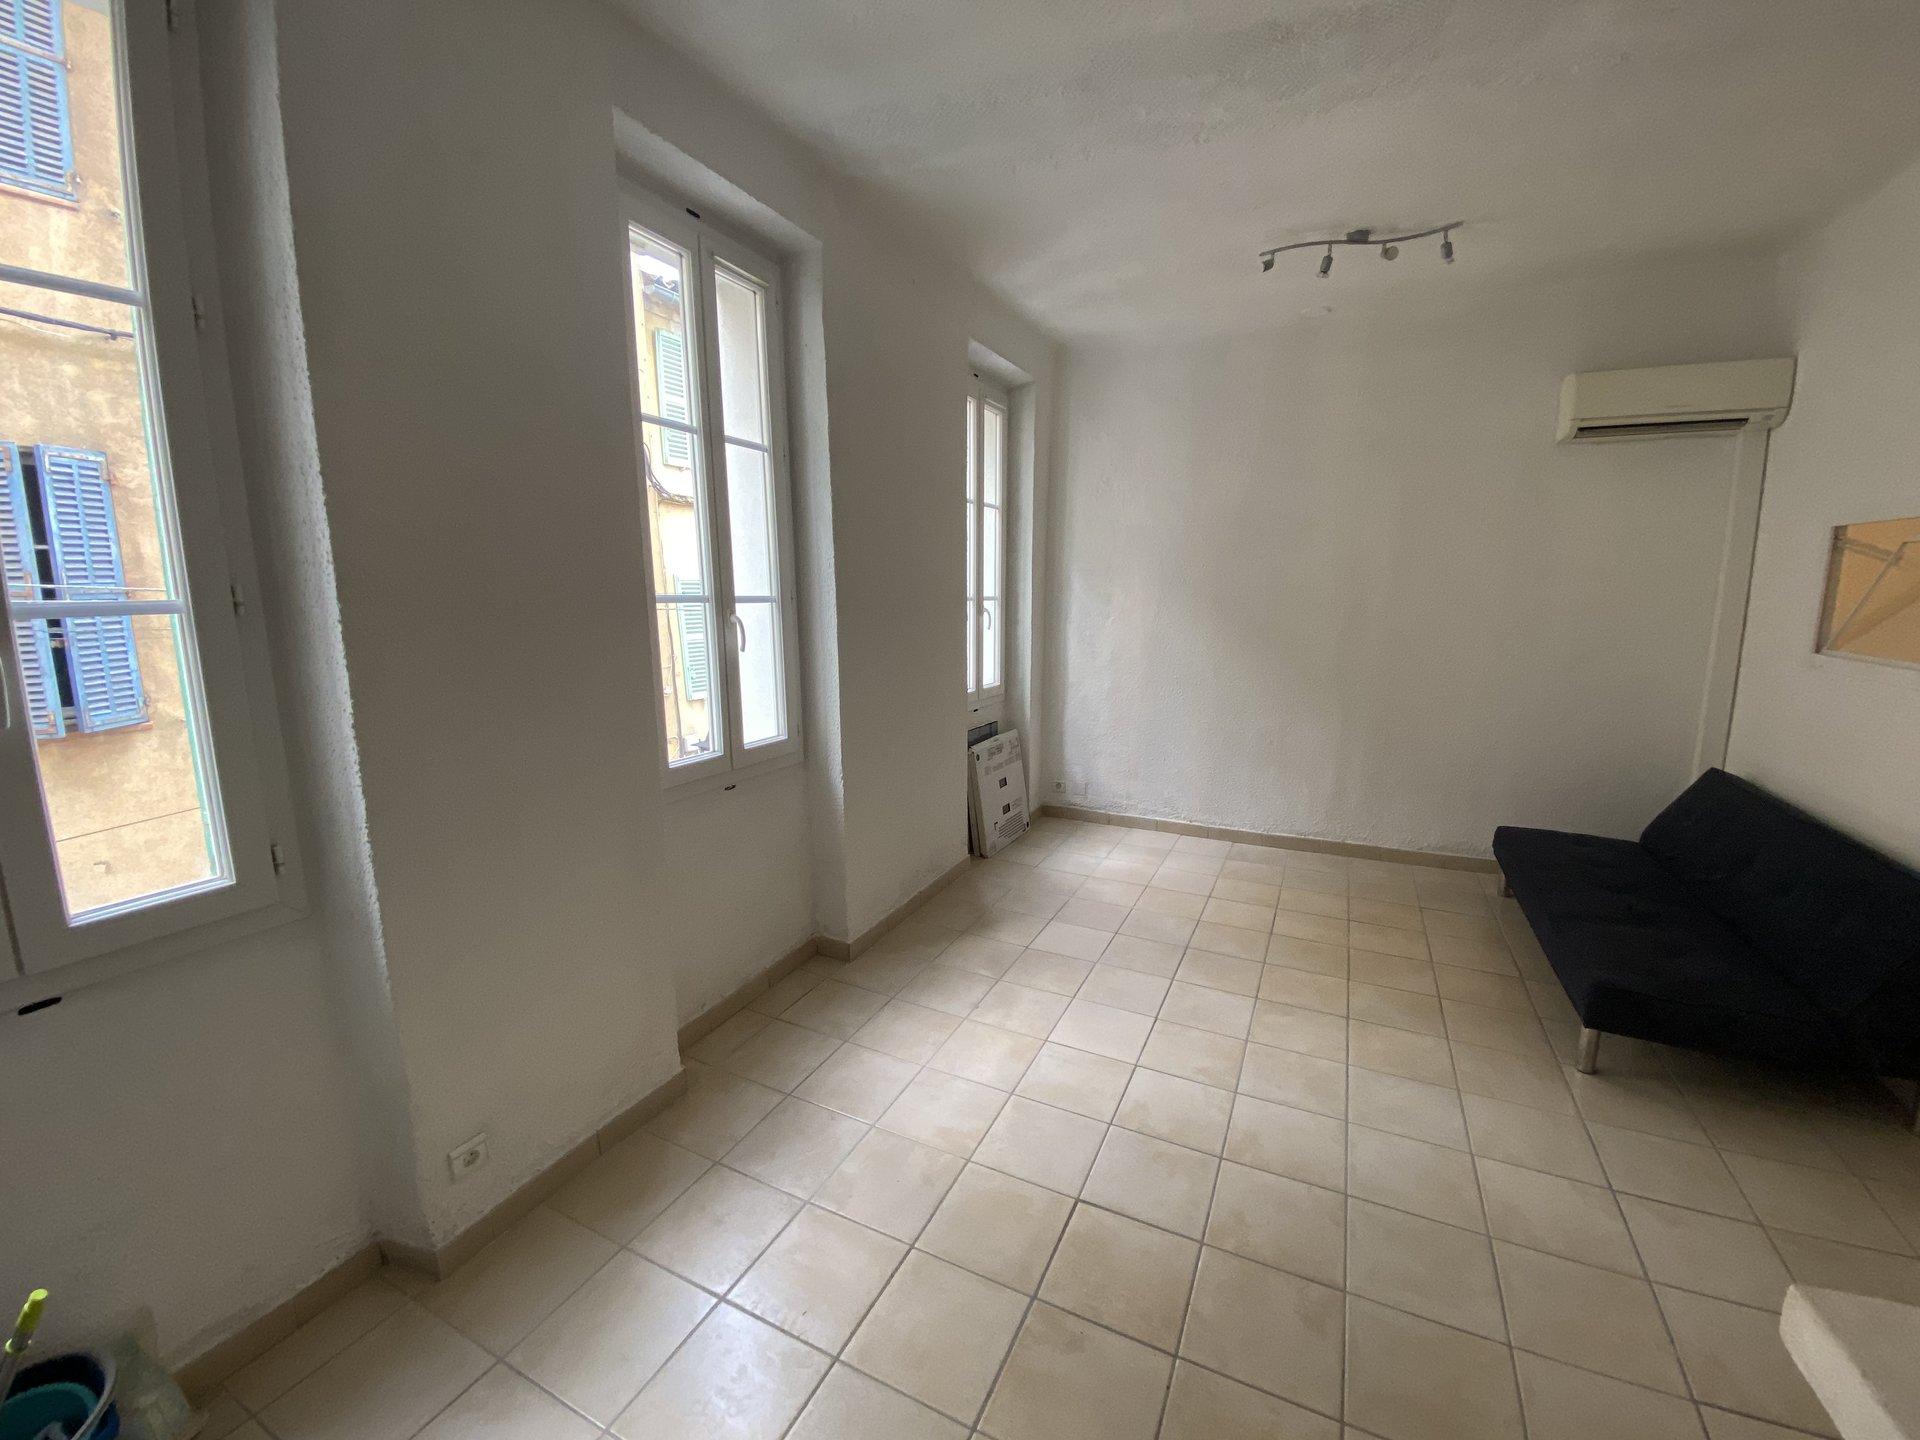 Appartement T2 34m² en Plein Centre